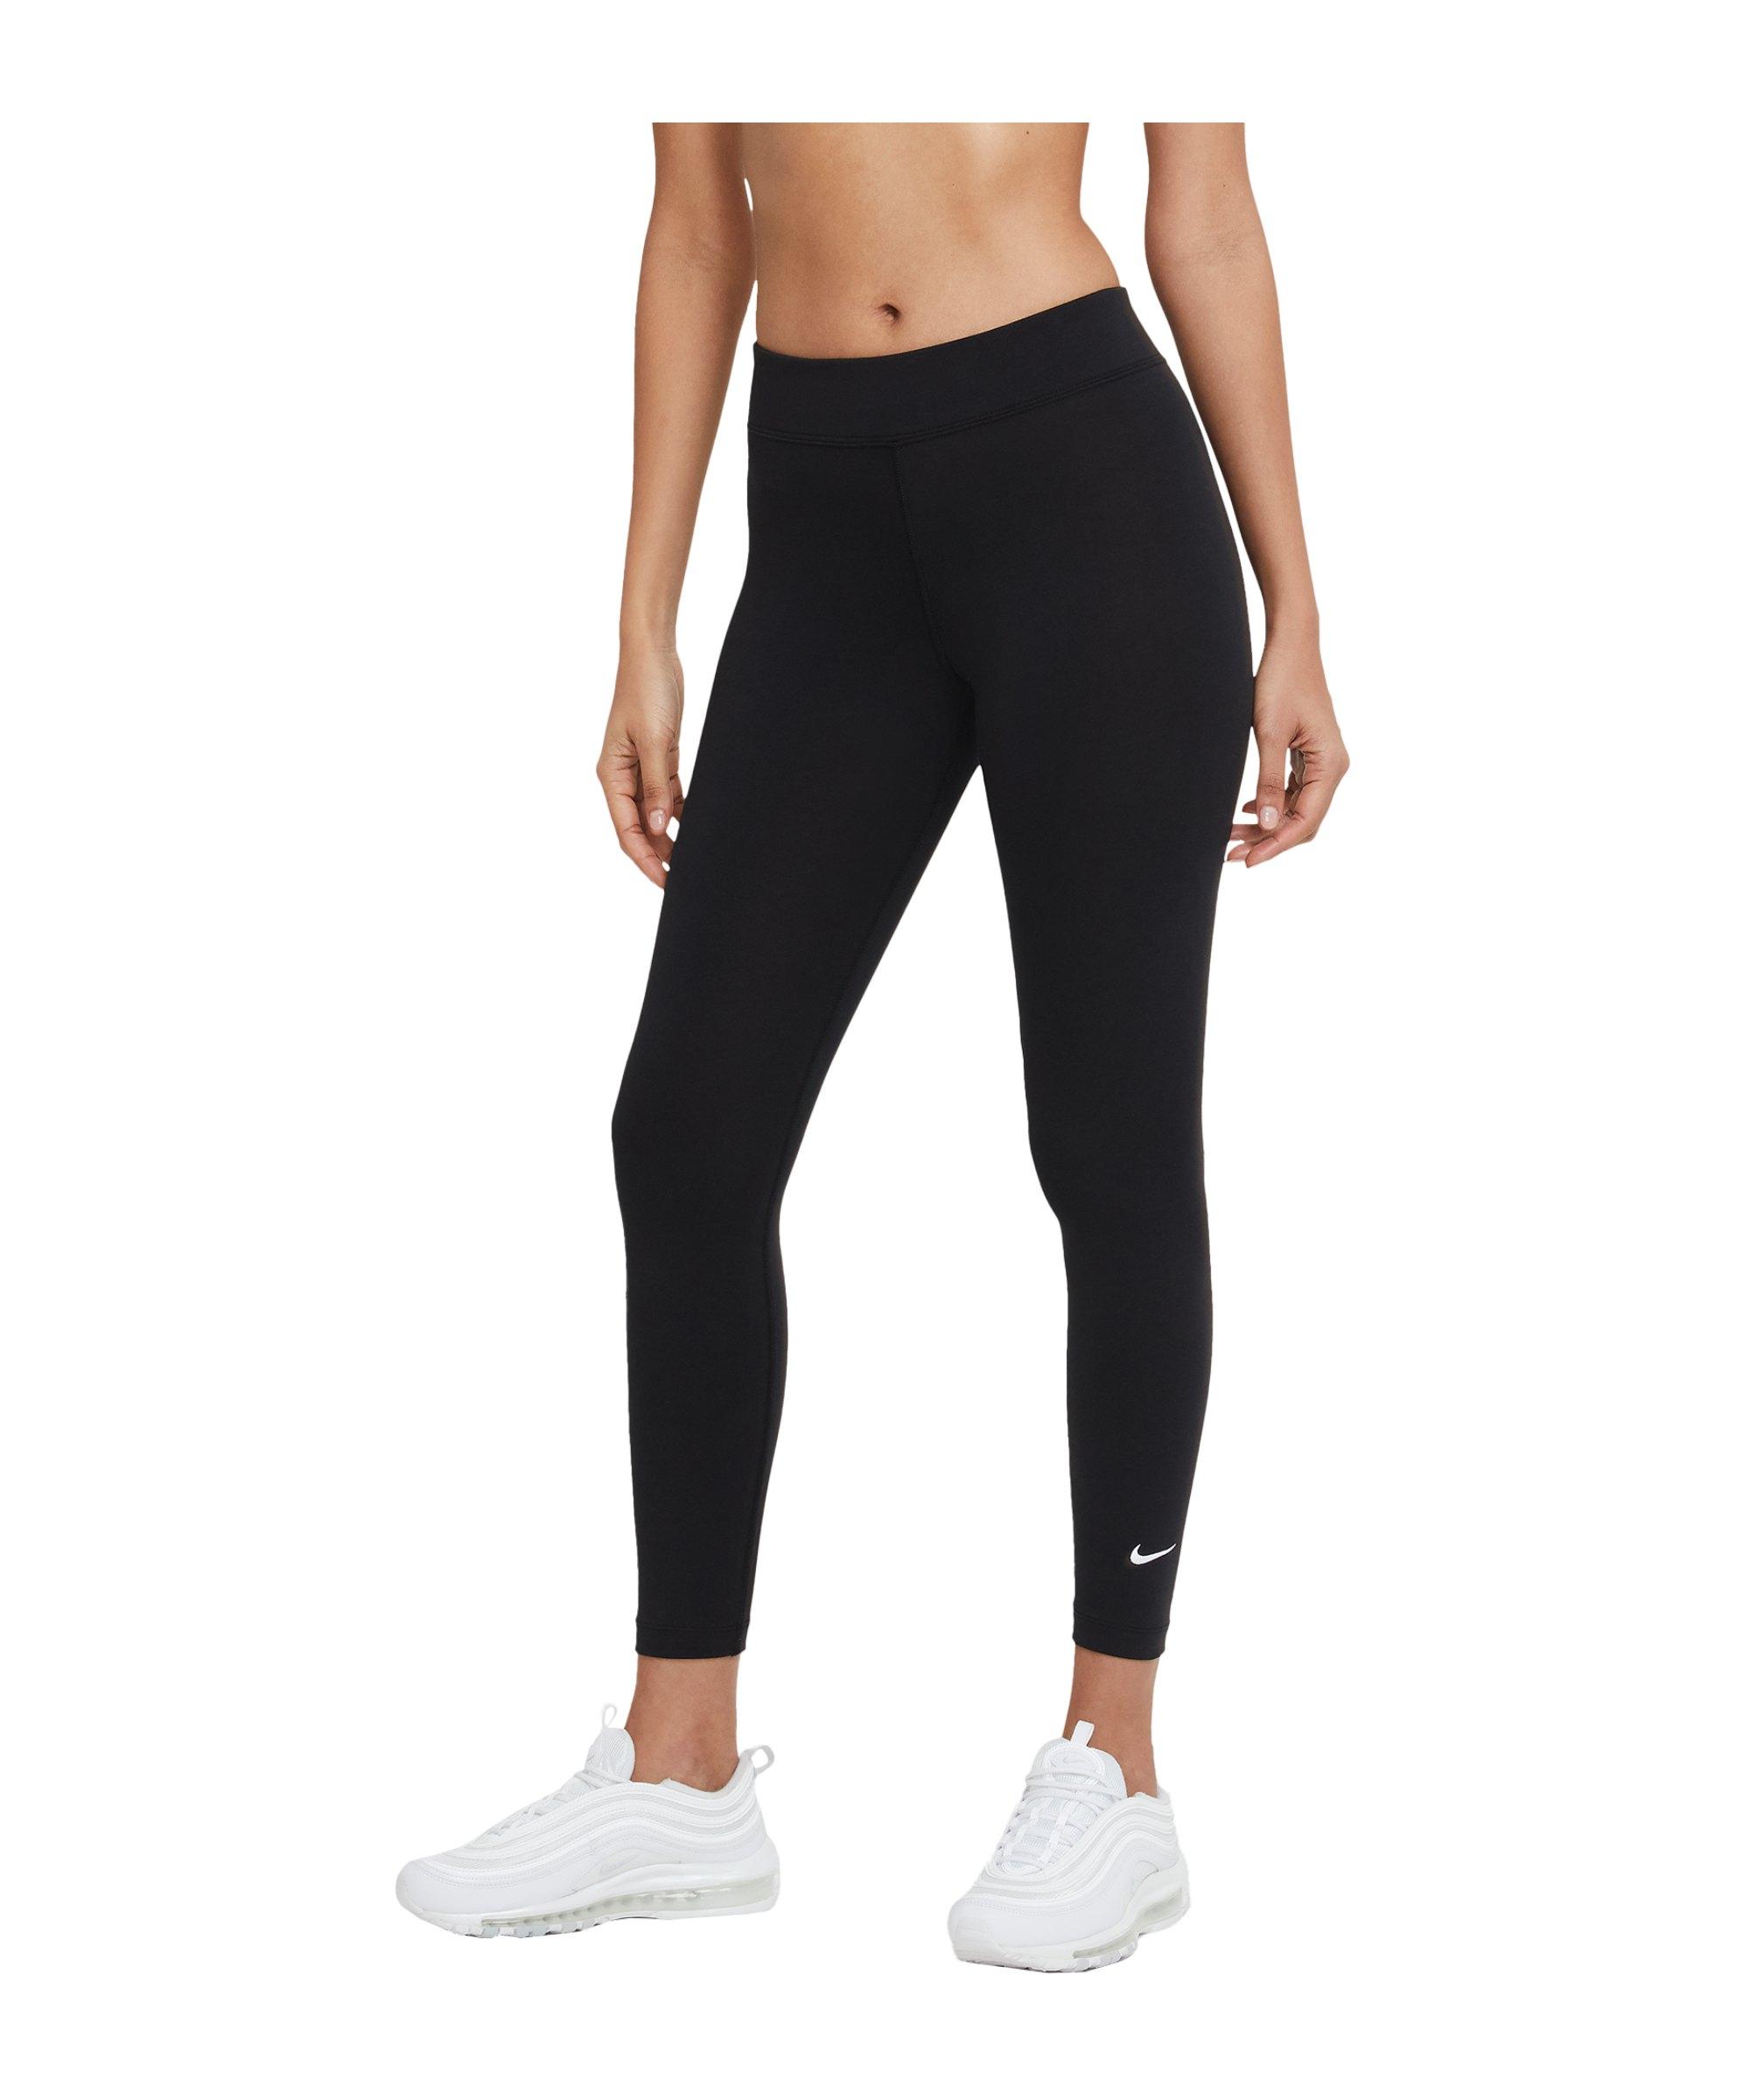 Nike Essentials 7/8 Leggings Damen Schwarz F010 - schwarz